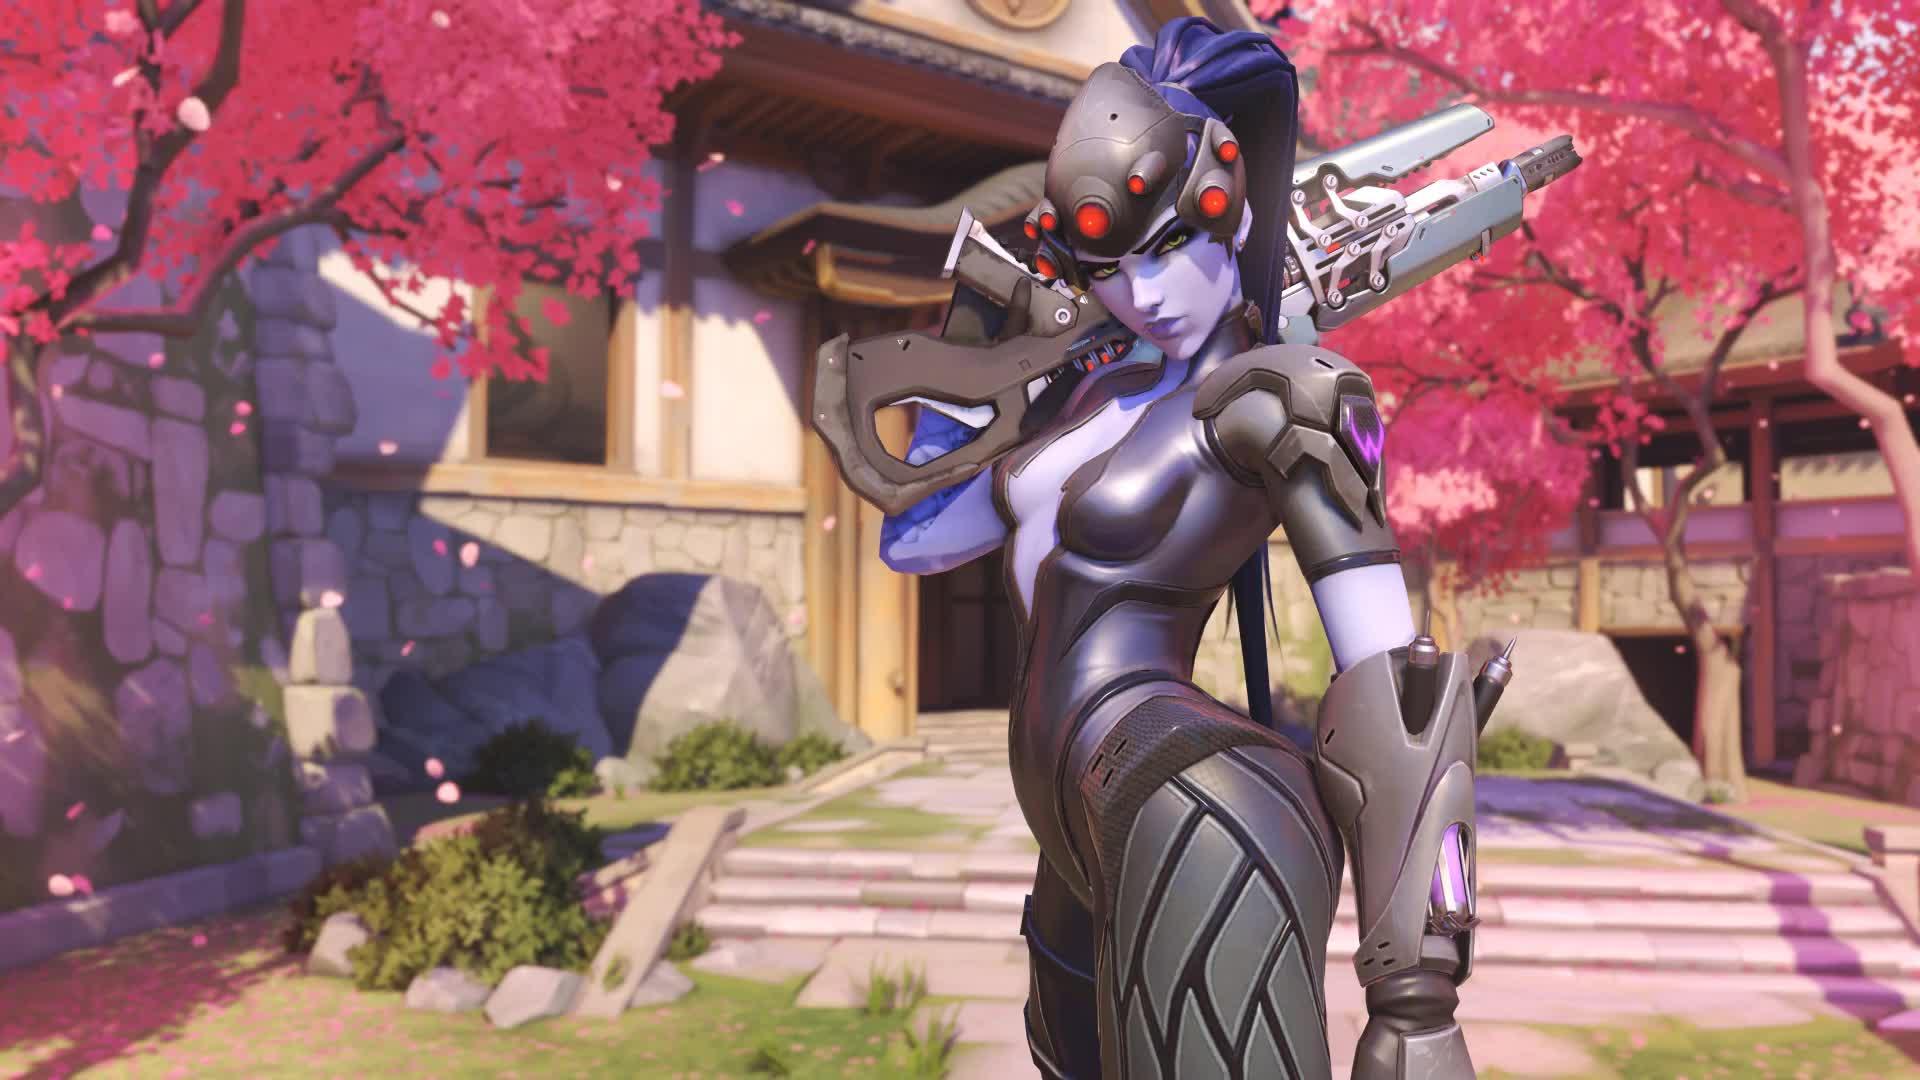 Overwatch Роковая вдова - живые обои